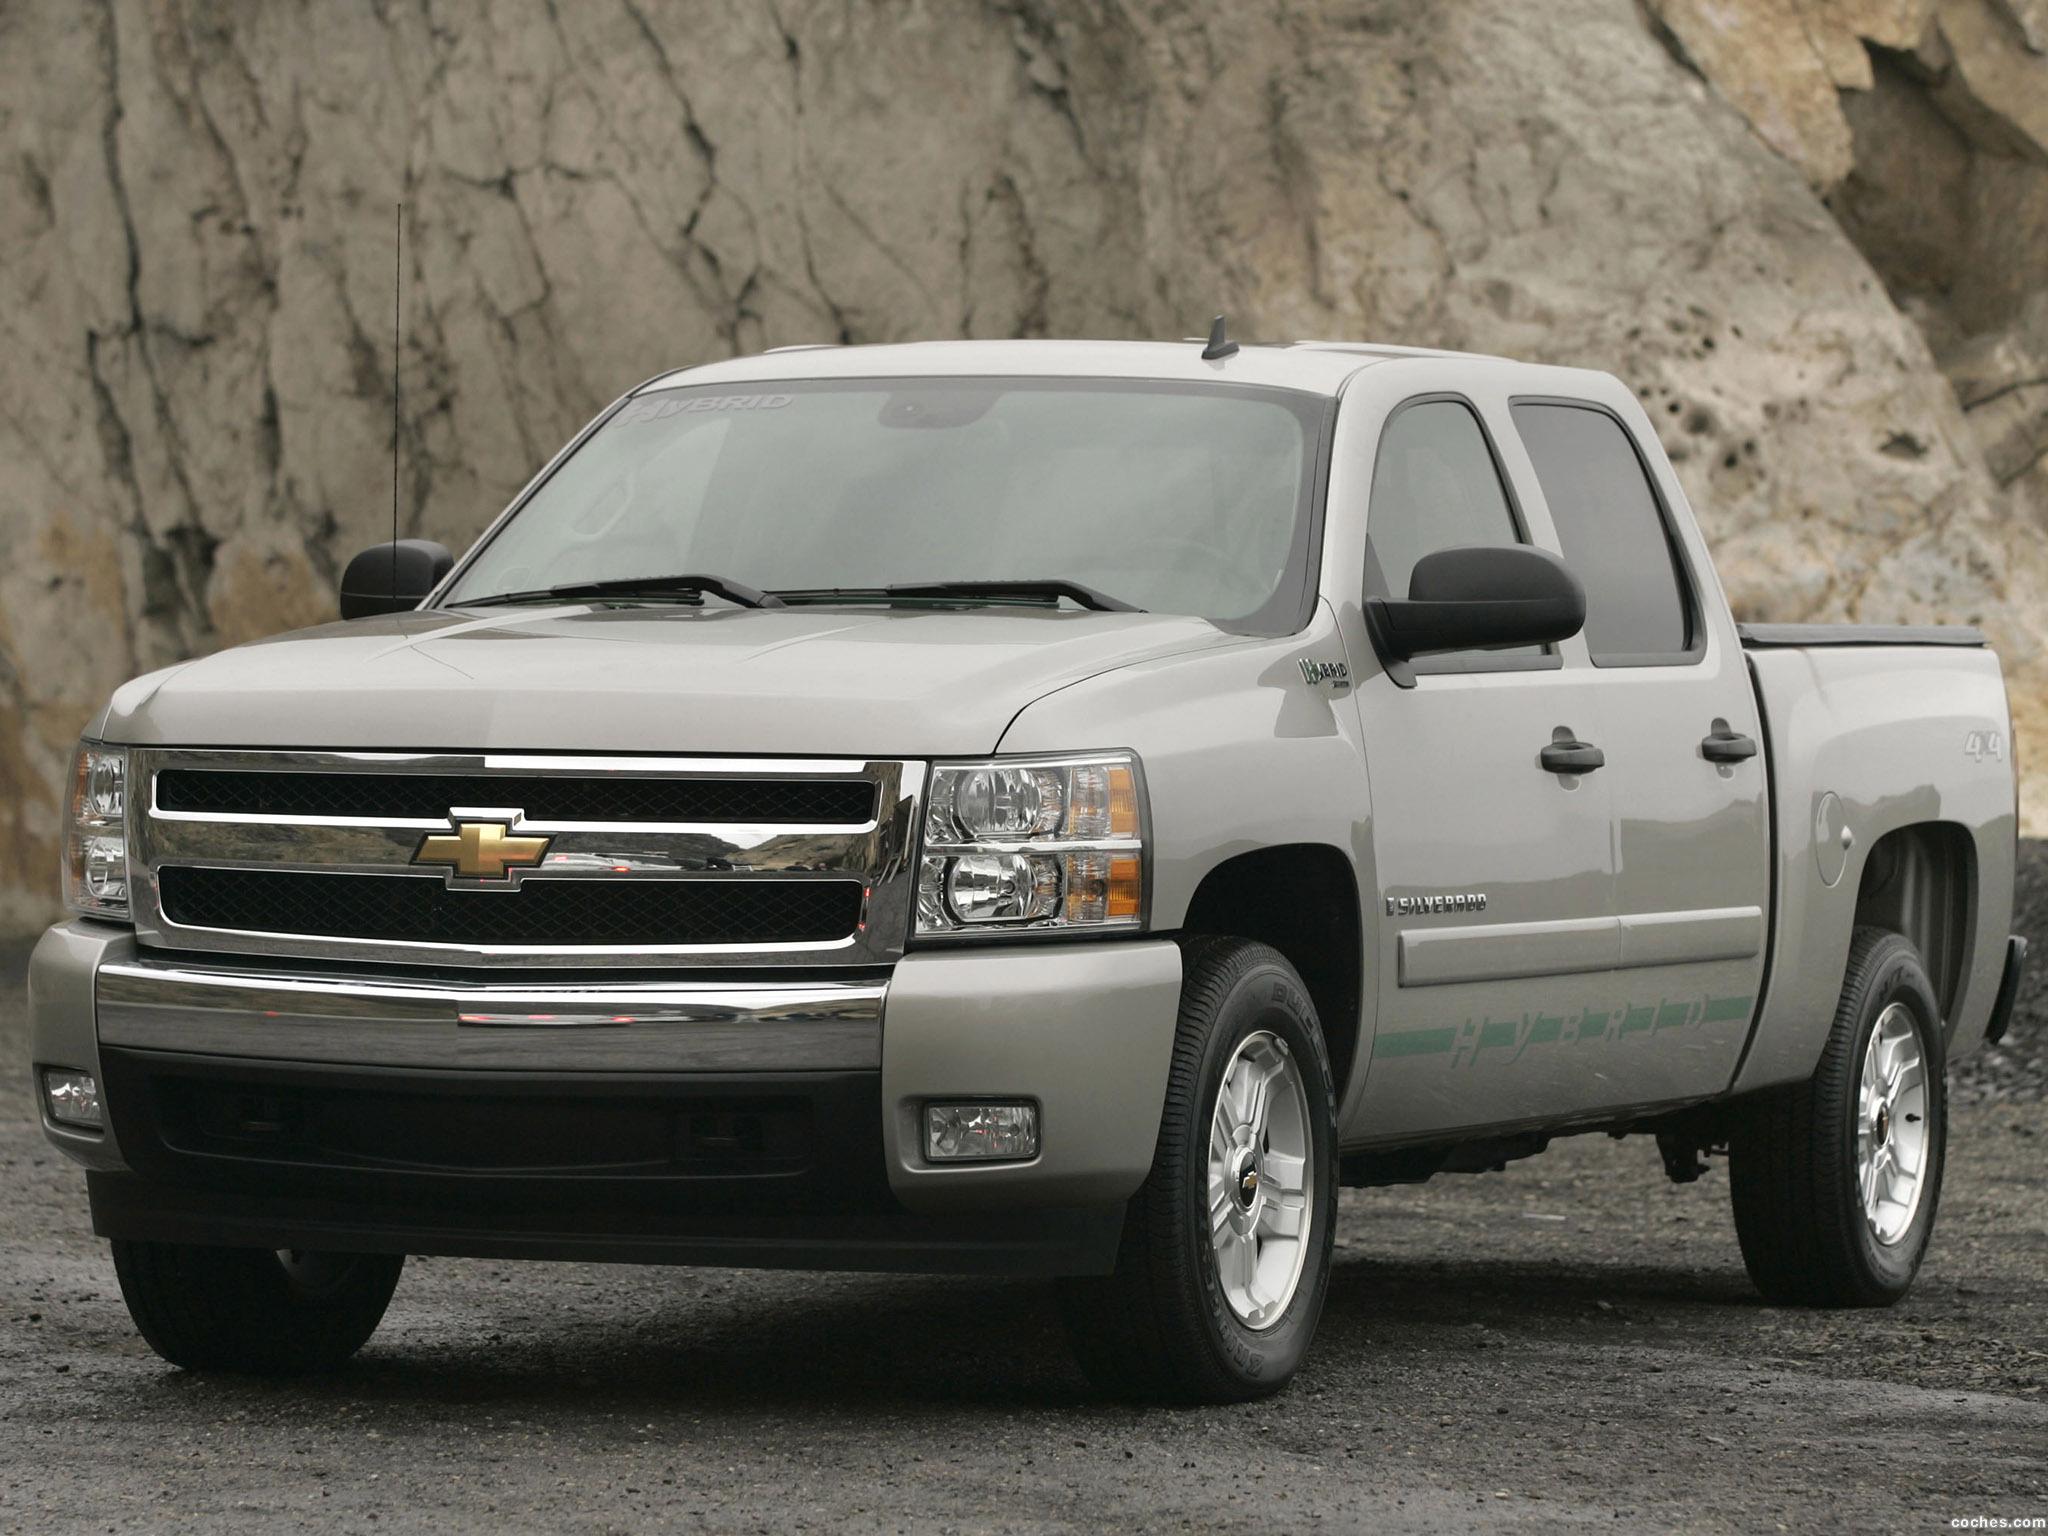 Foto 0 de Chevrolet Silverado Hybrid 2009